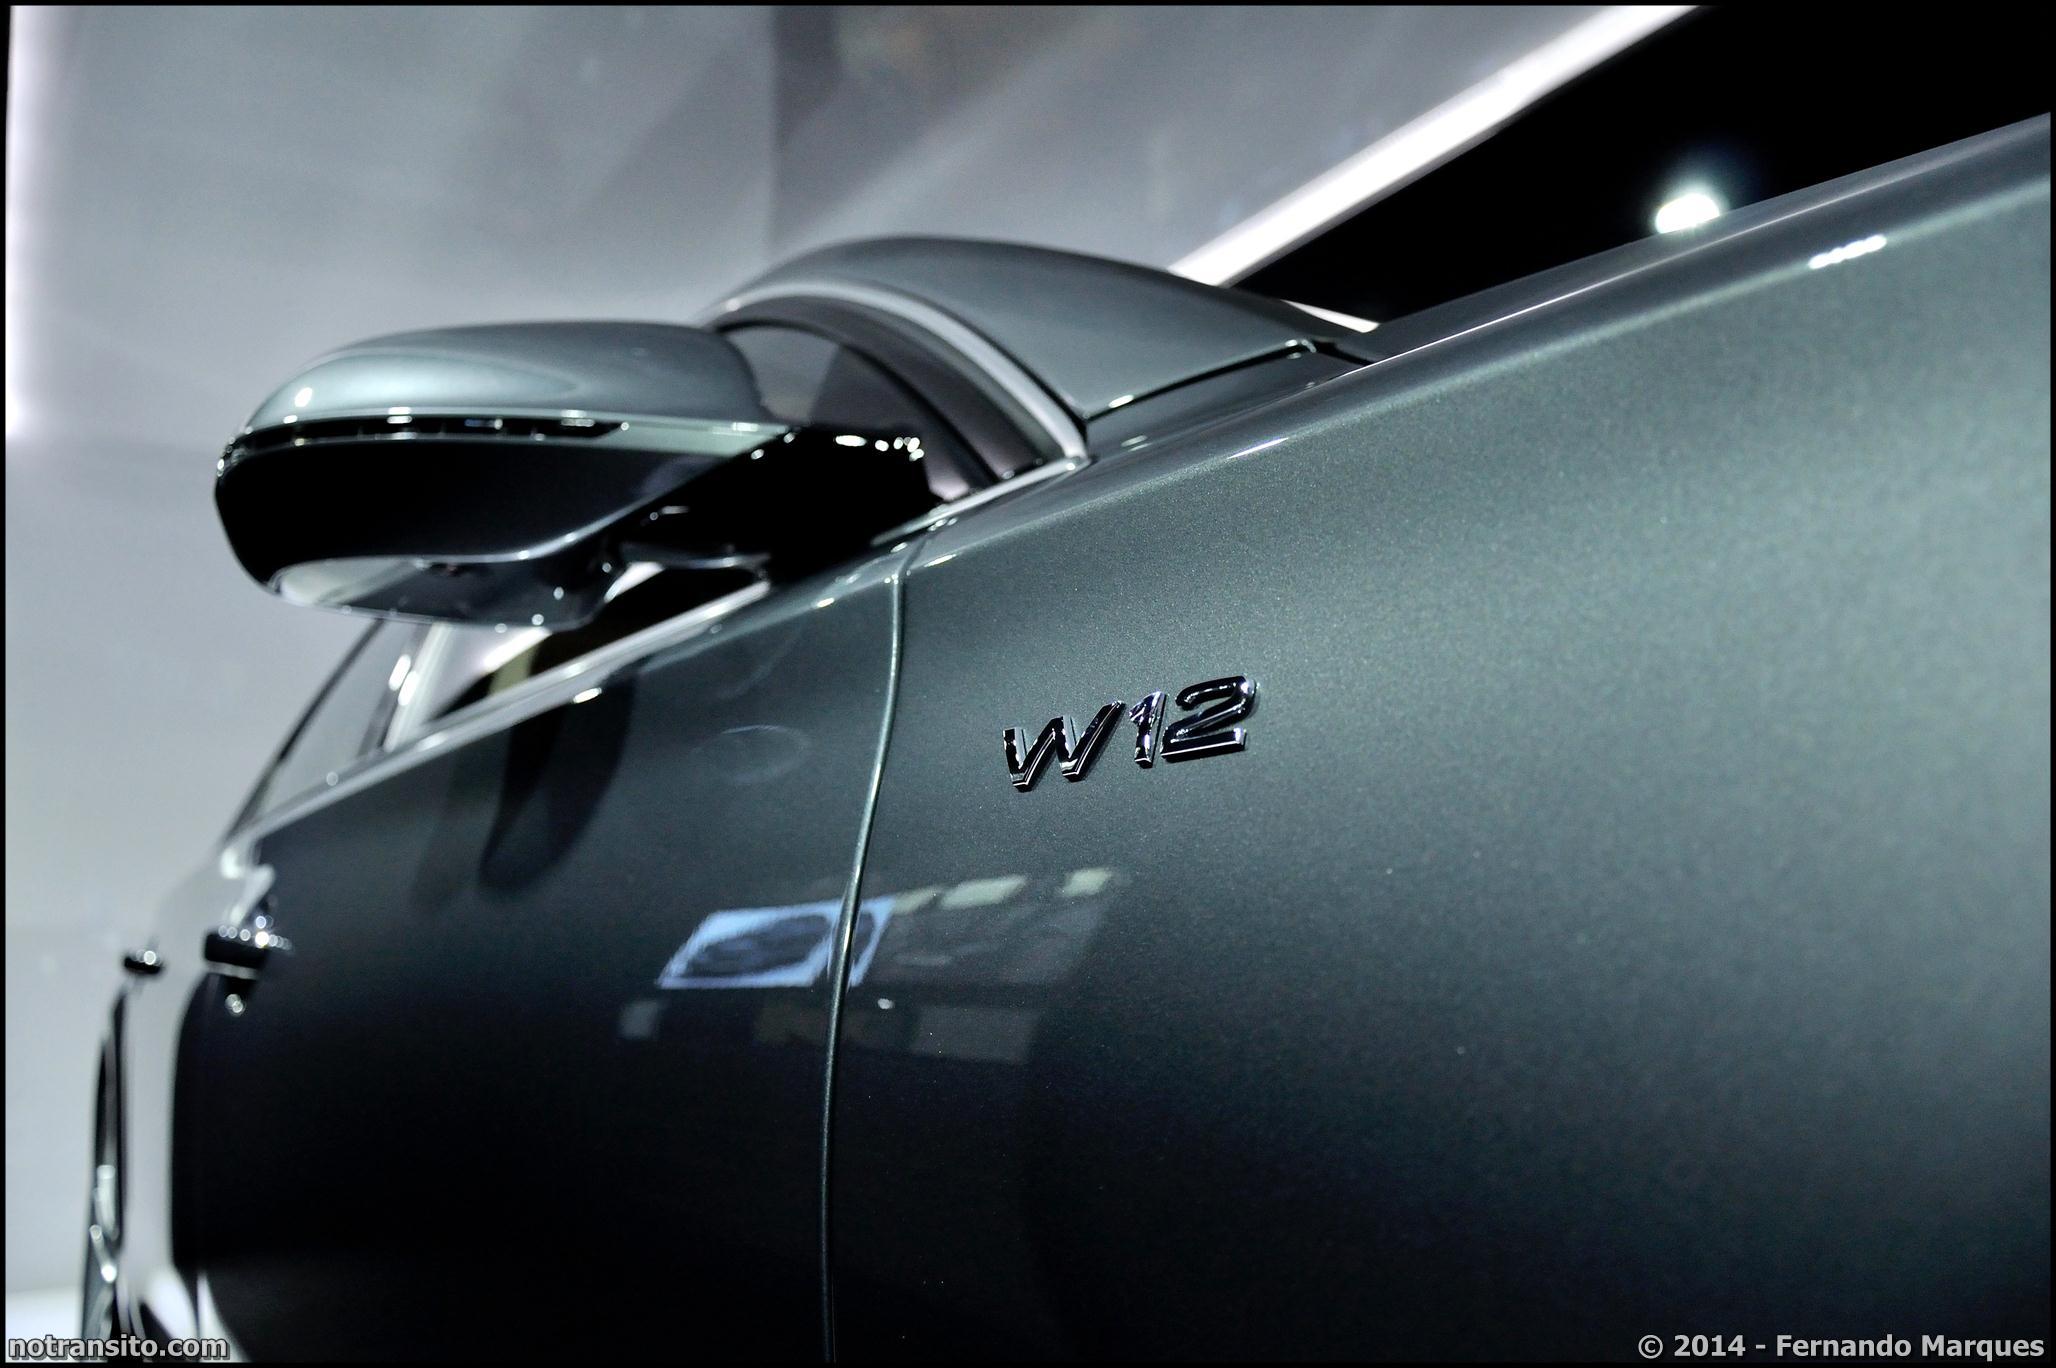 Audi A8 L W12 Exclusive Concept, Salão do Automóvel 2014